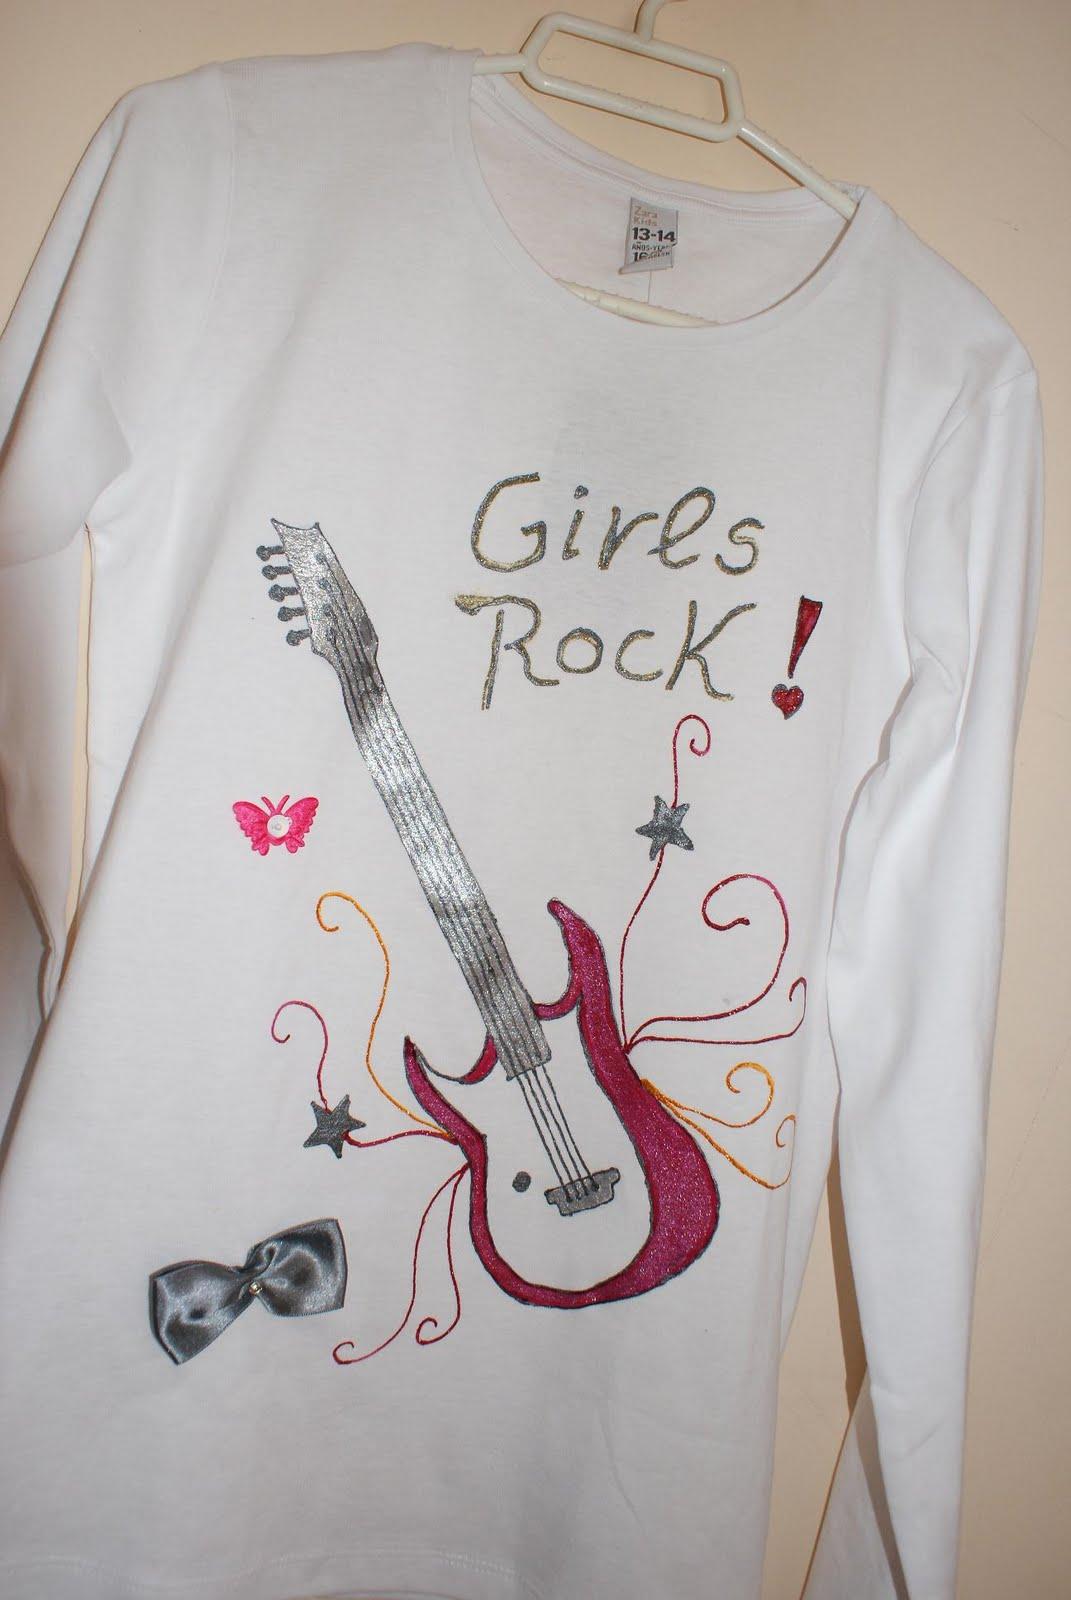 5c78e26e2e6f Ένα μπλουζάκι για τη μικρή Νάσια που είναι πιο γλυκιά και από cupcake!